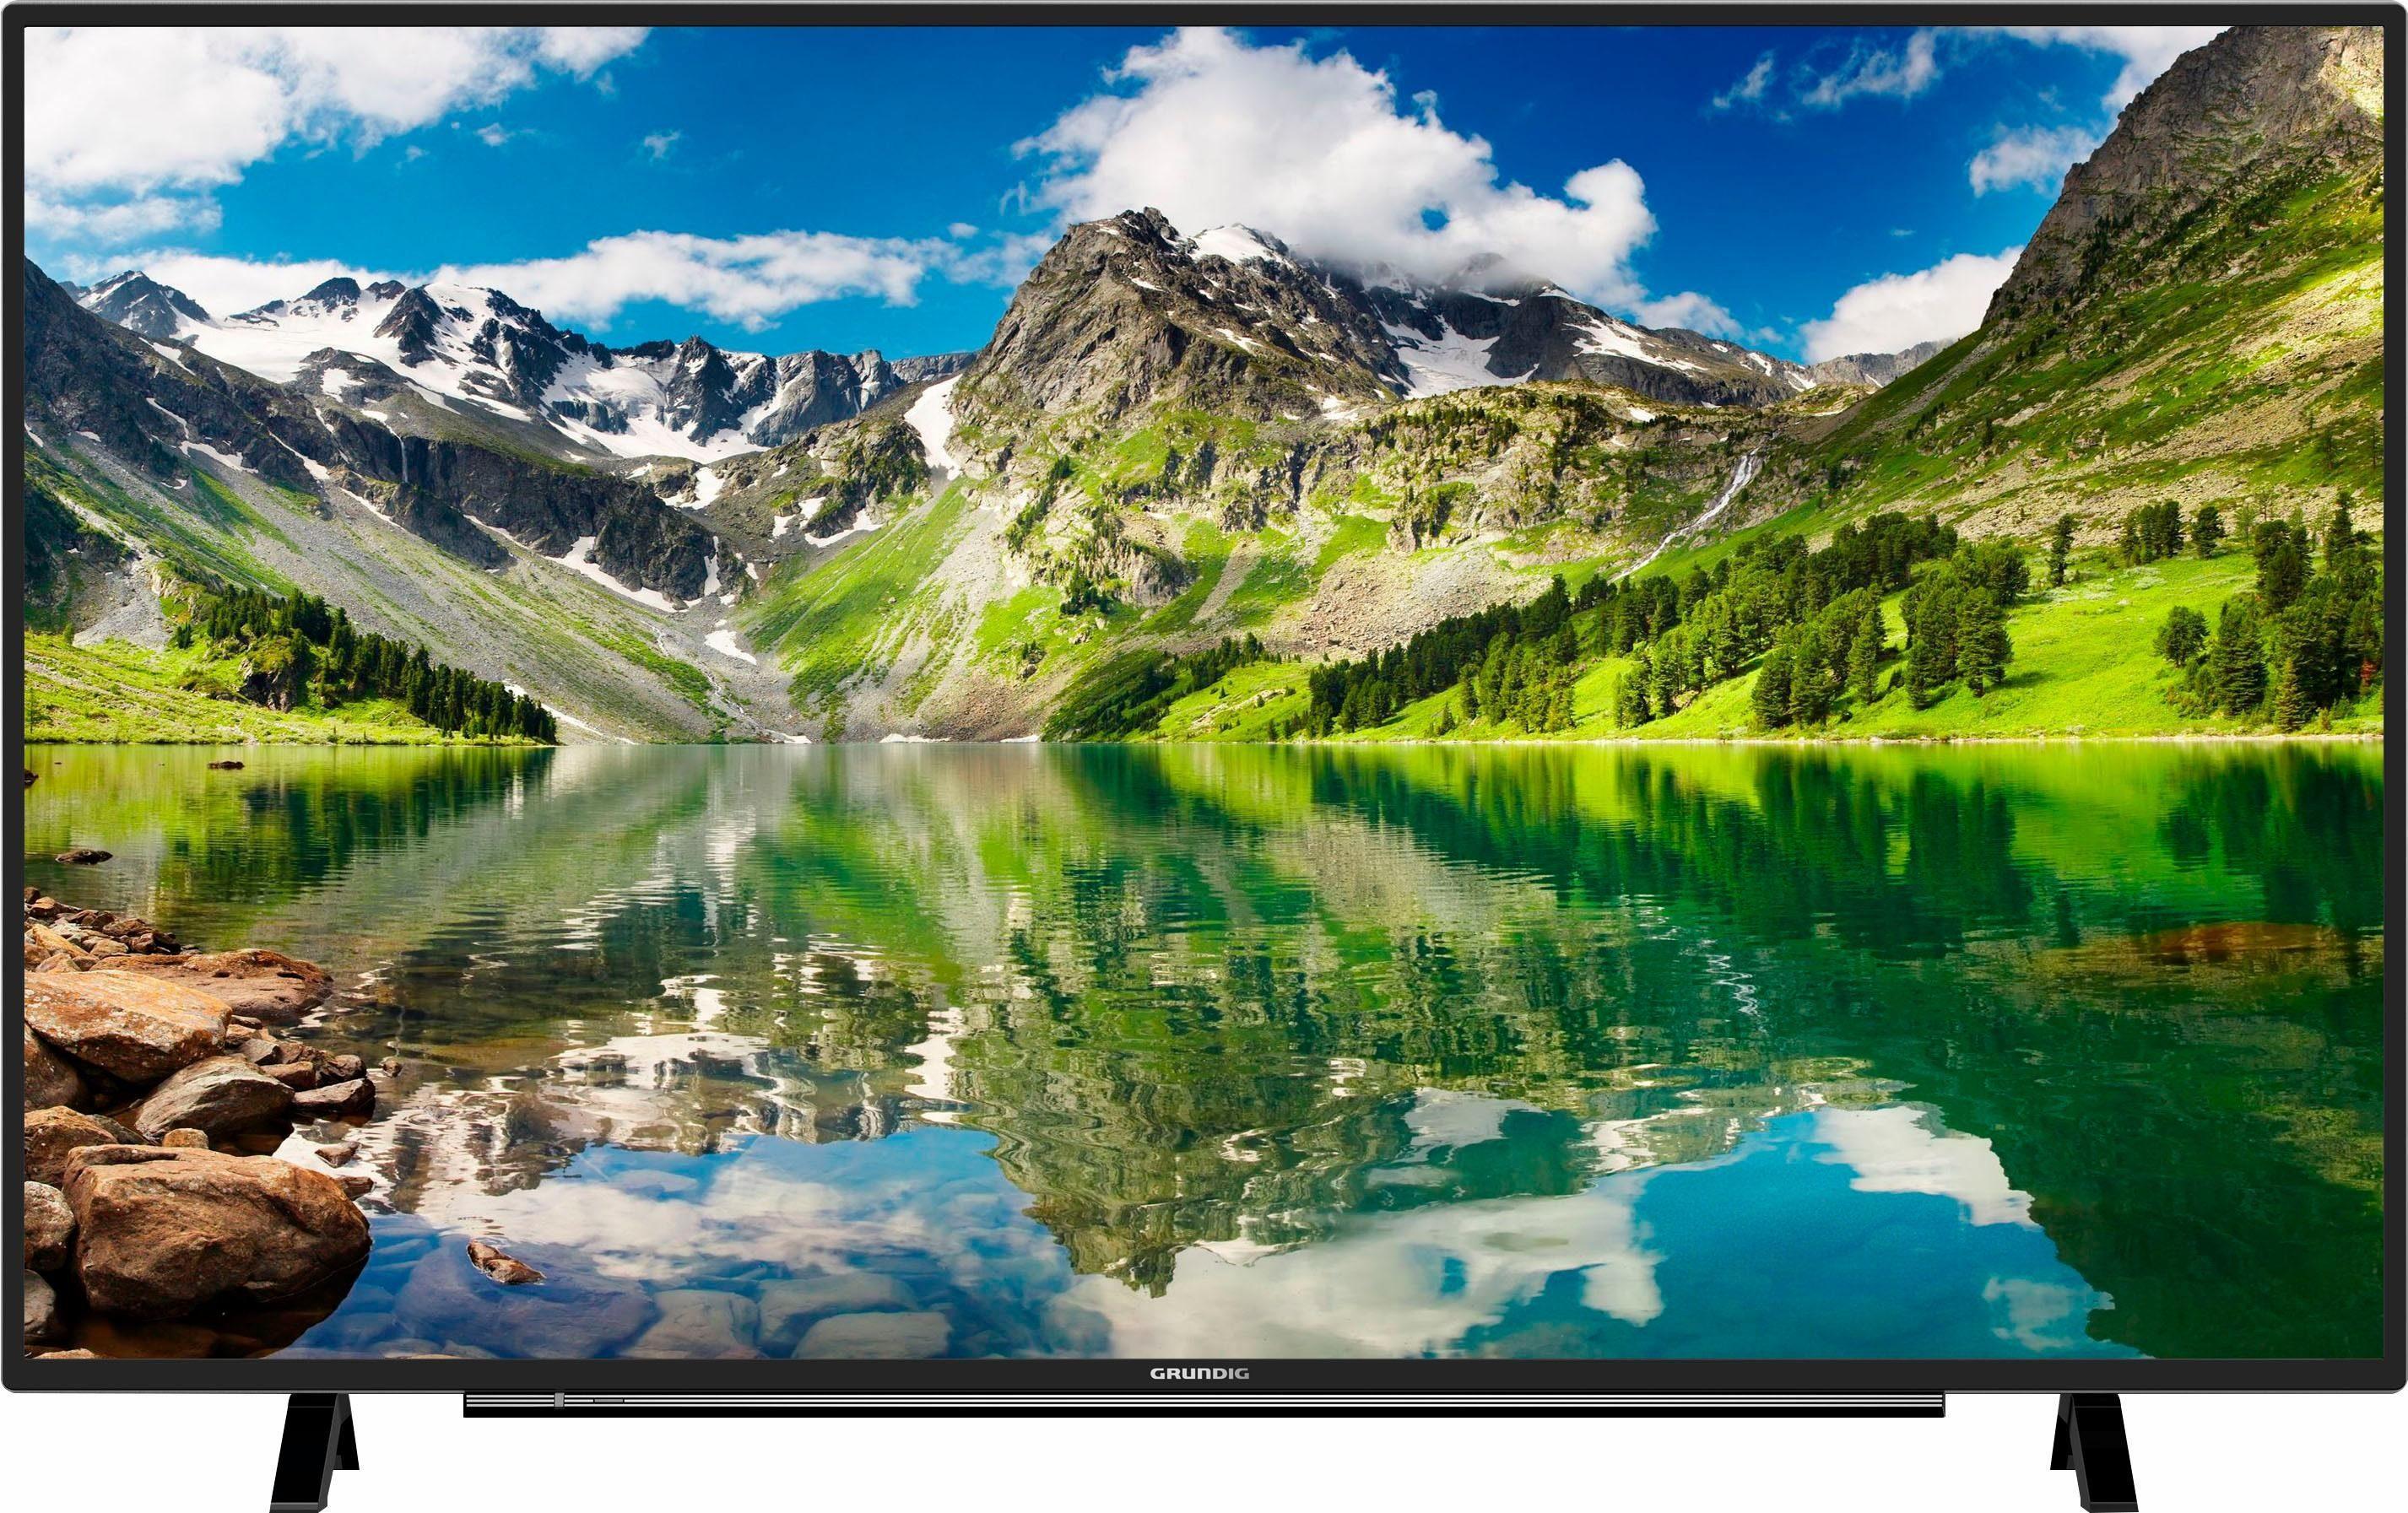 Grundig 40 VLX 7000 BP LED Fernseher (102 cm/40 Zoll, UHD/4k, Smart-TV) inkl. 36 Monate Garantie